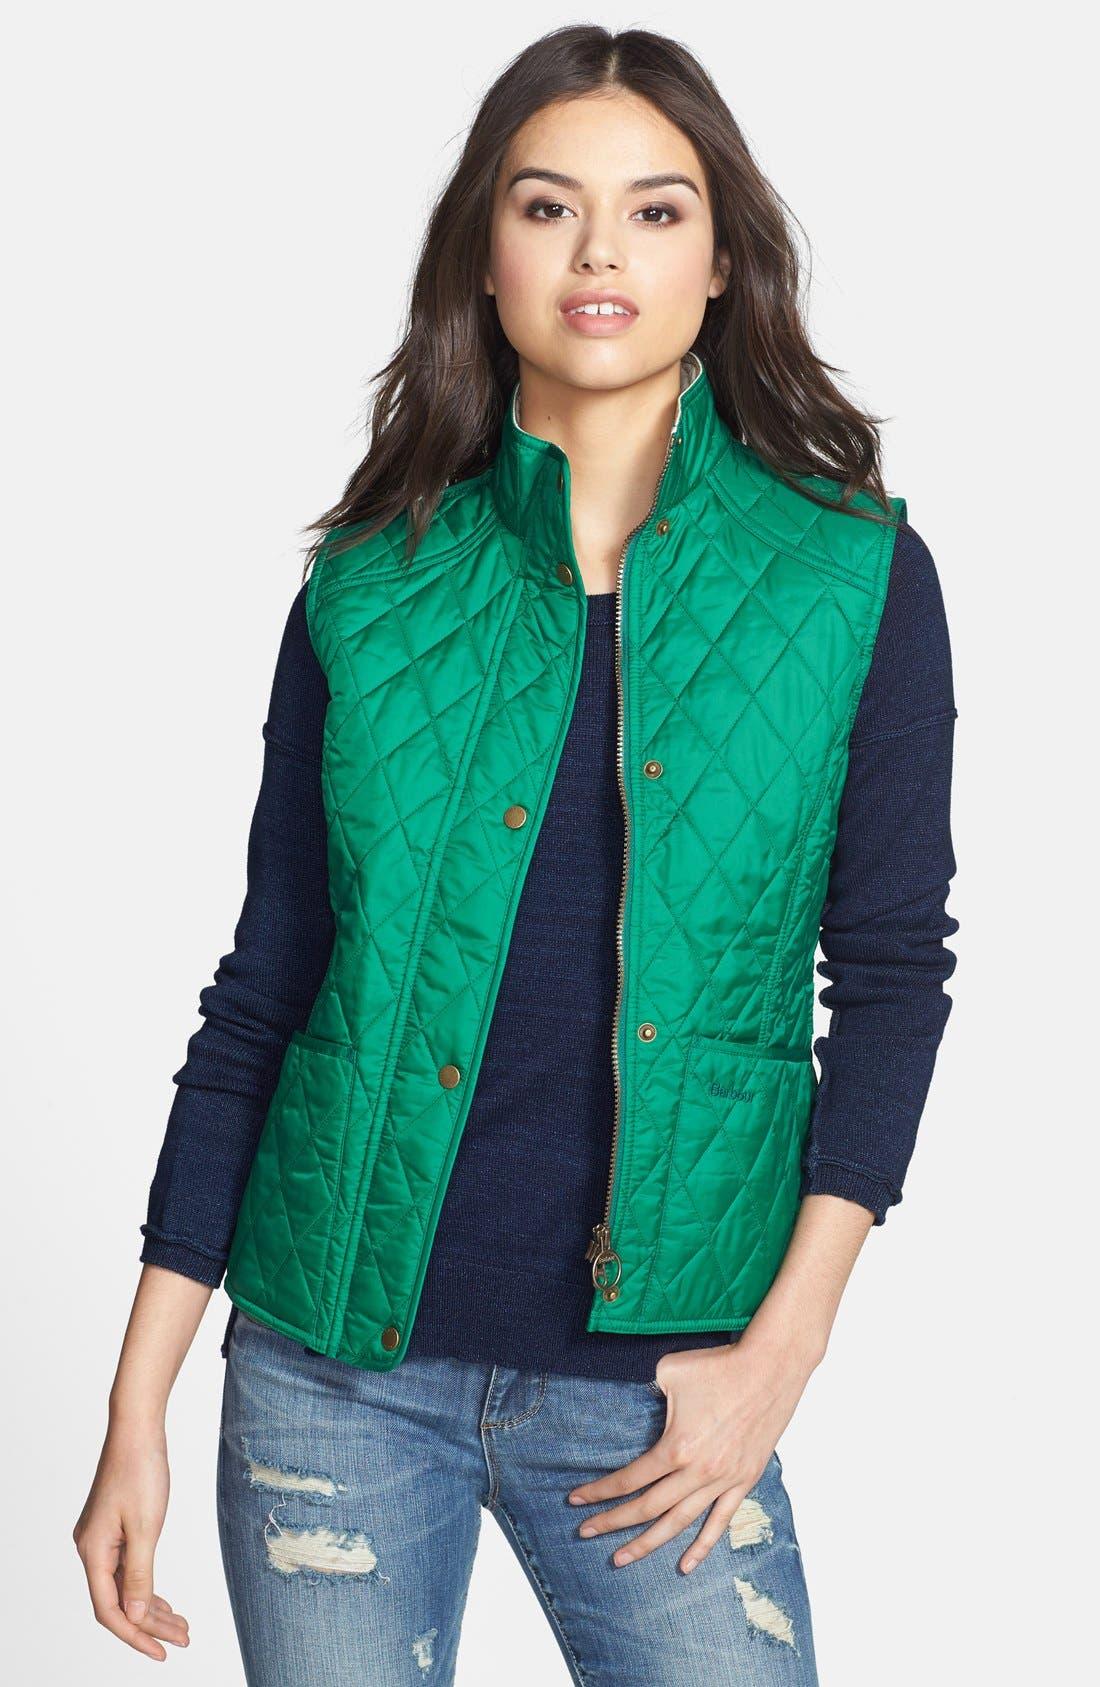 Alternate Image 1 Selected - Barbour Summer Liddesdale Gilet Vest